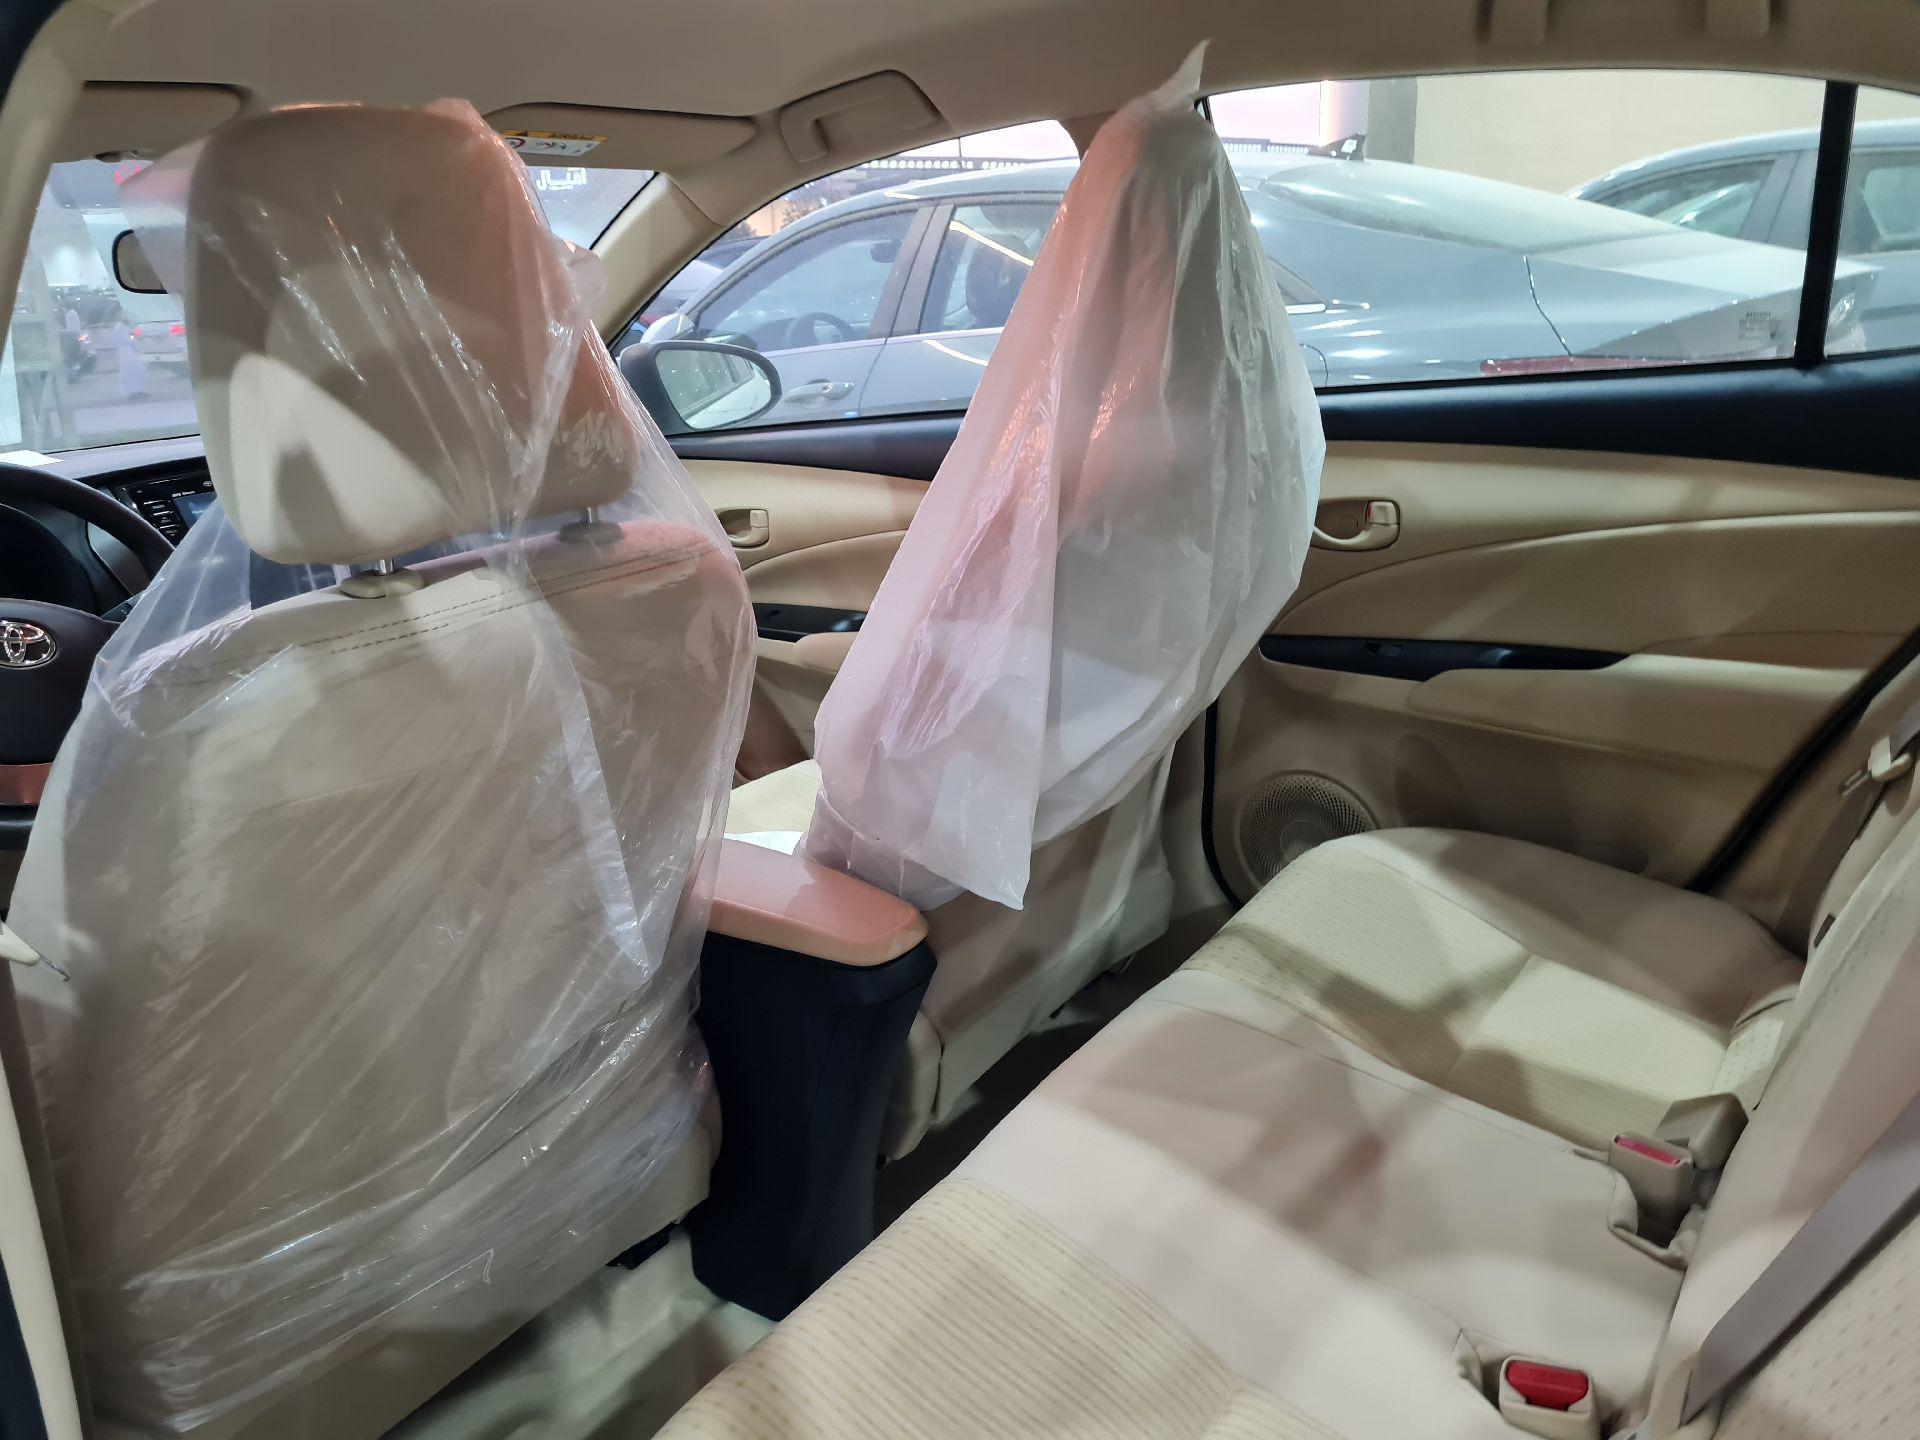 تويوتا يارس Y FLT 2021 ستاندر سعودي للبيع في الرياض - السعودية - صورة كبيرة - 10